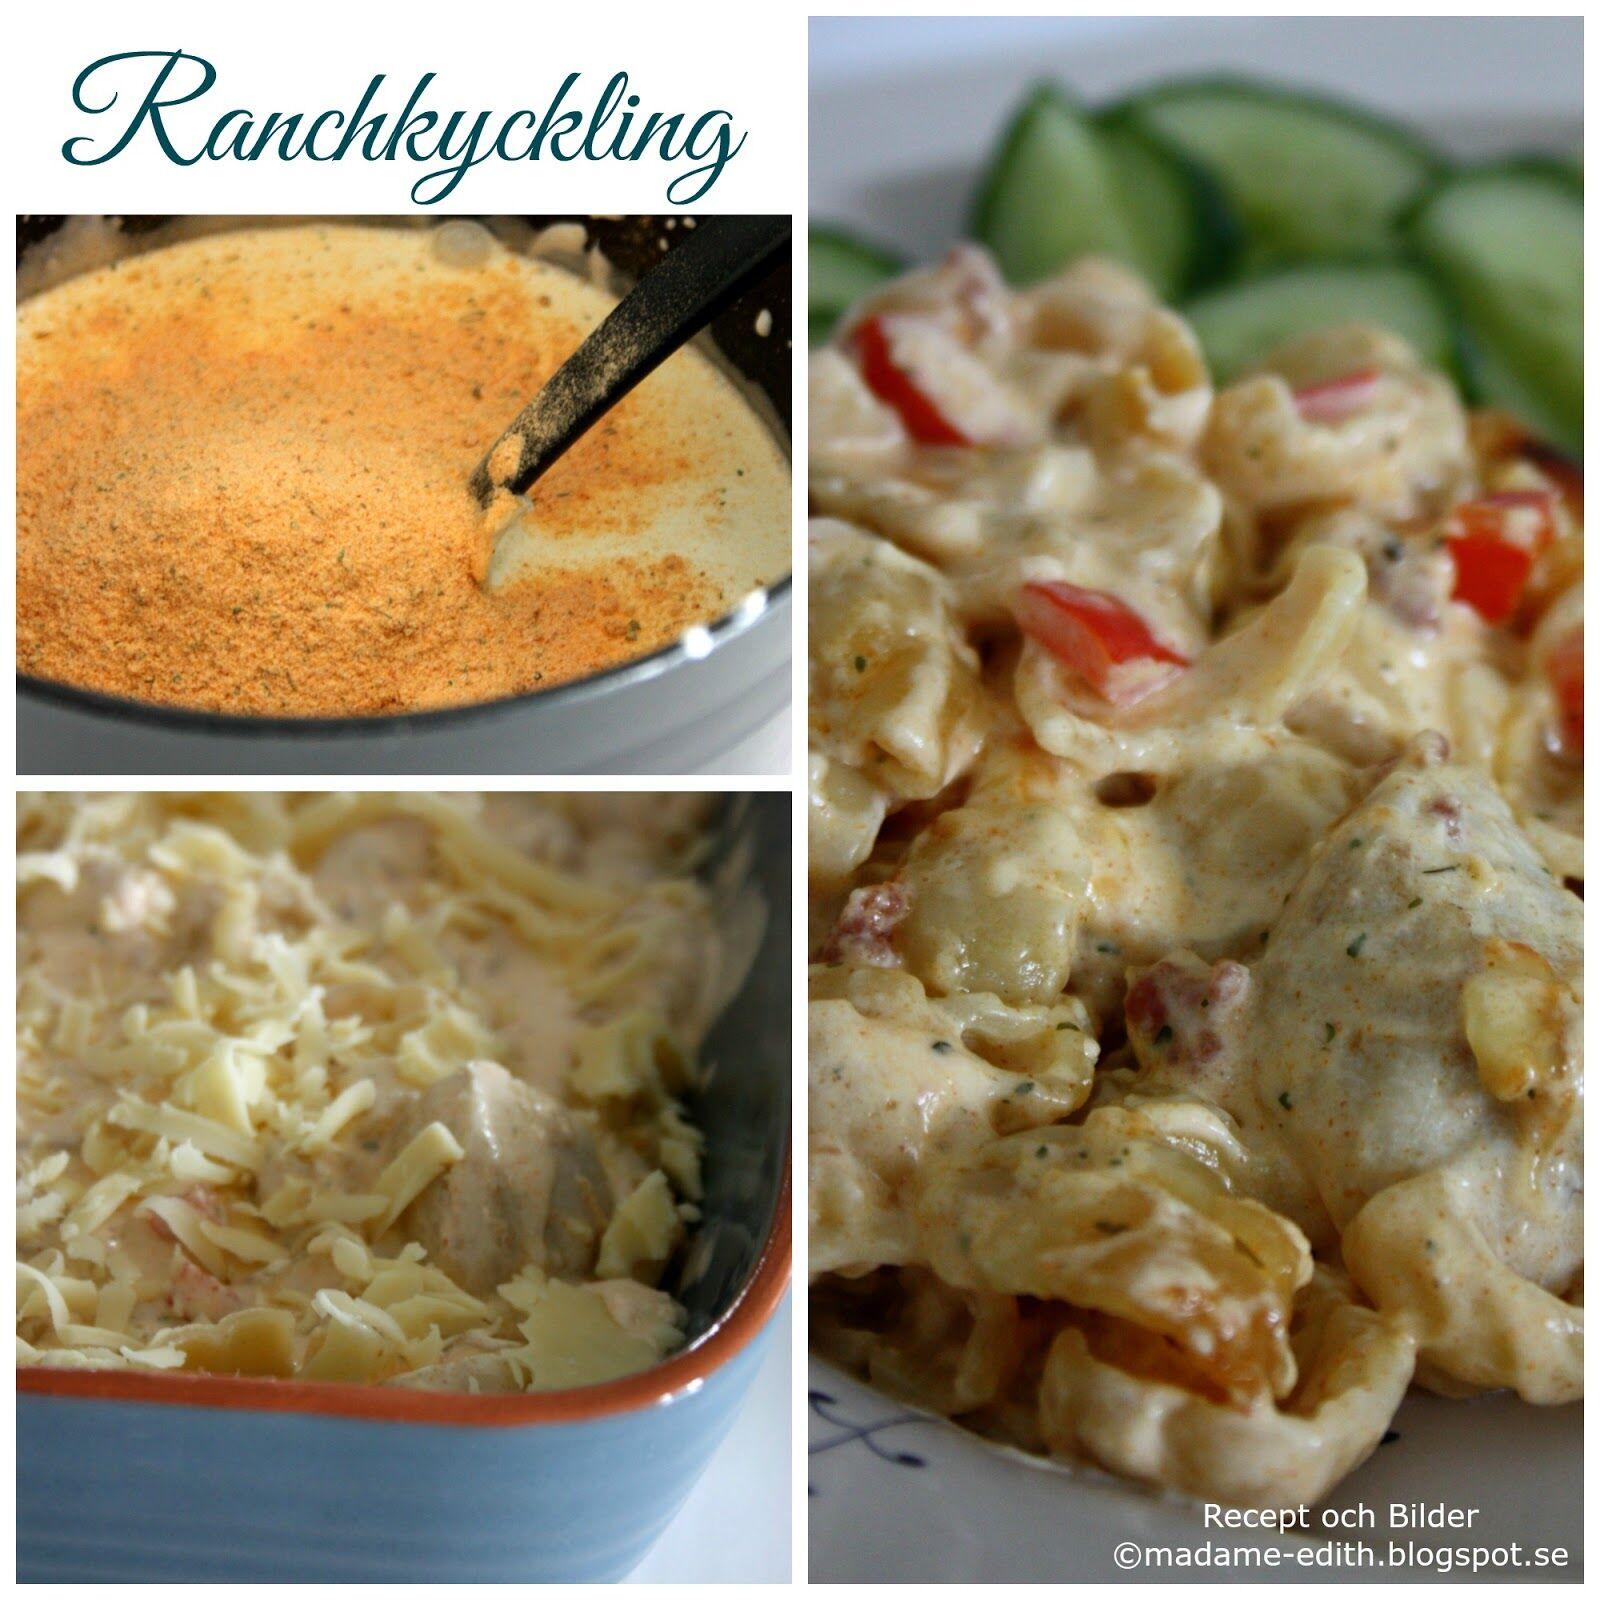 ranchkyckling (3)